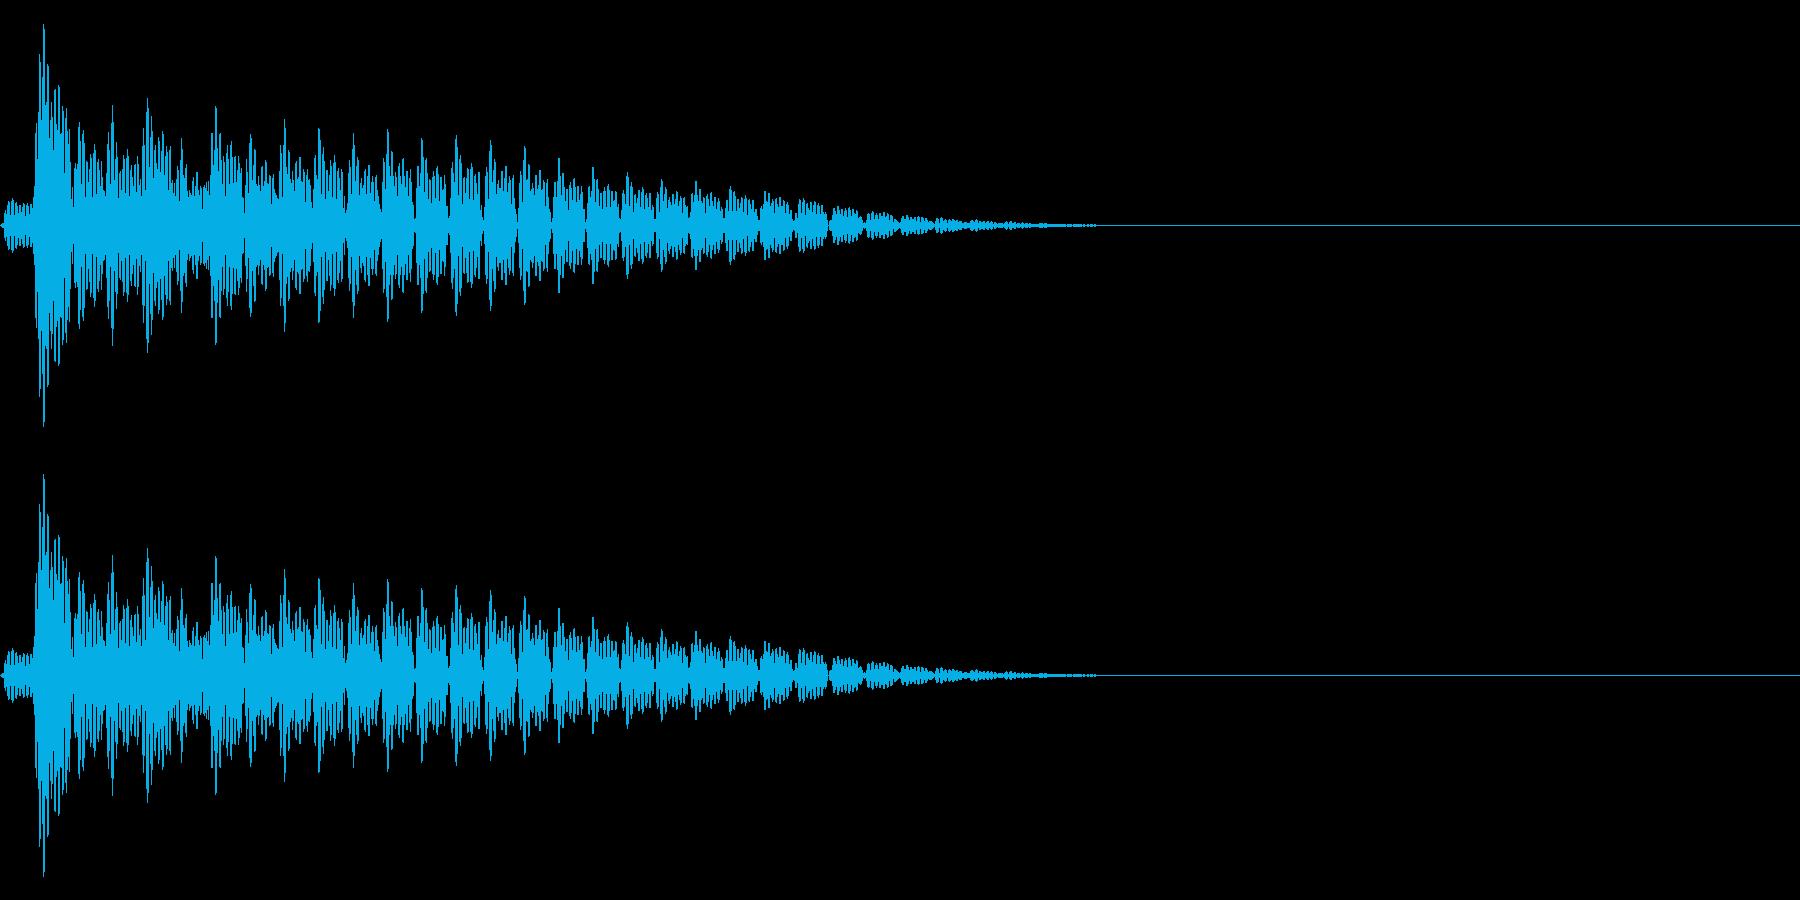 Anime PC起動・シャットダウンの音の再生済みの波形